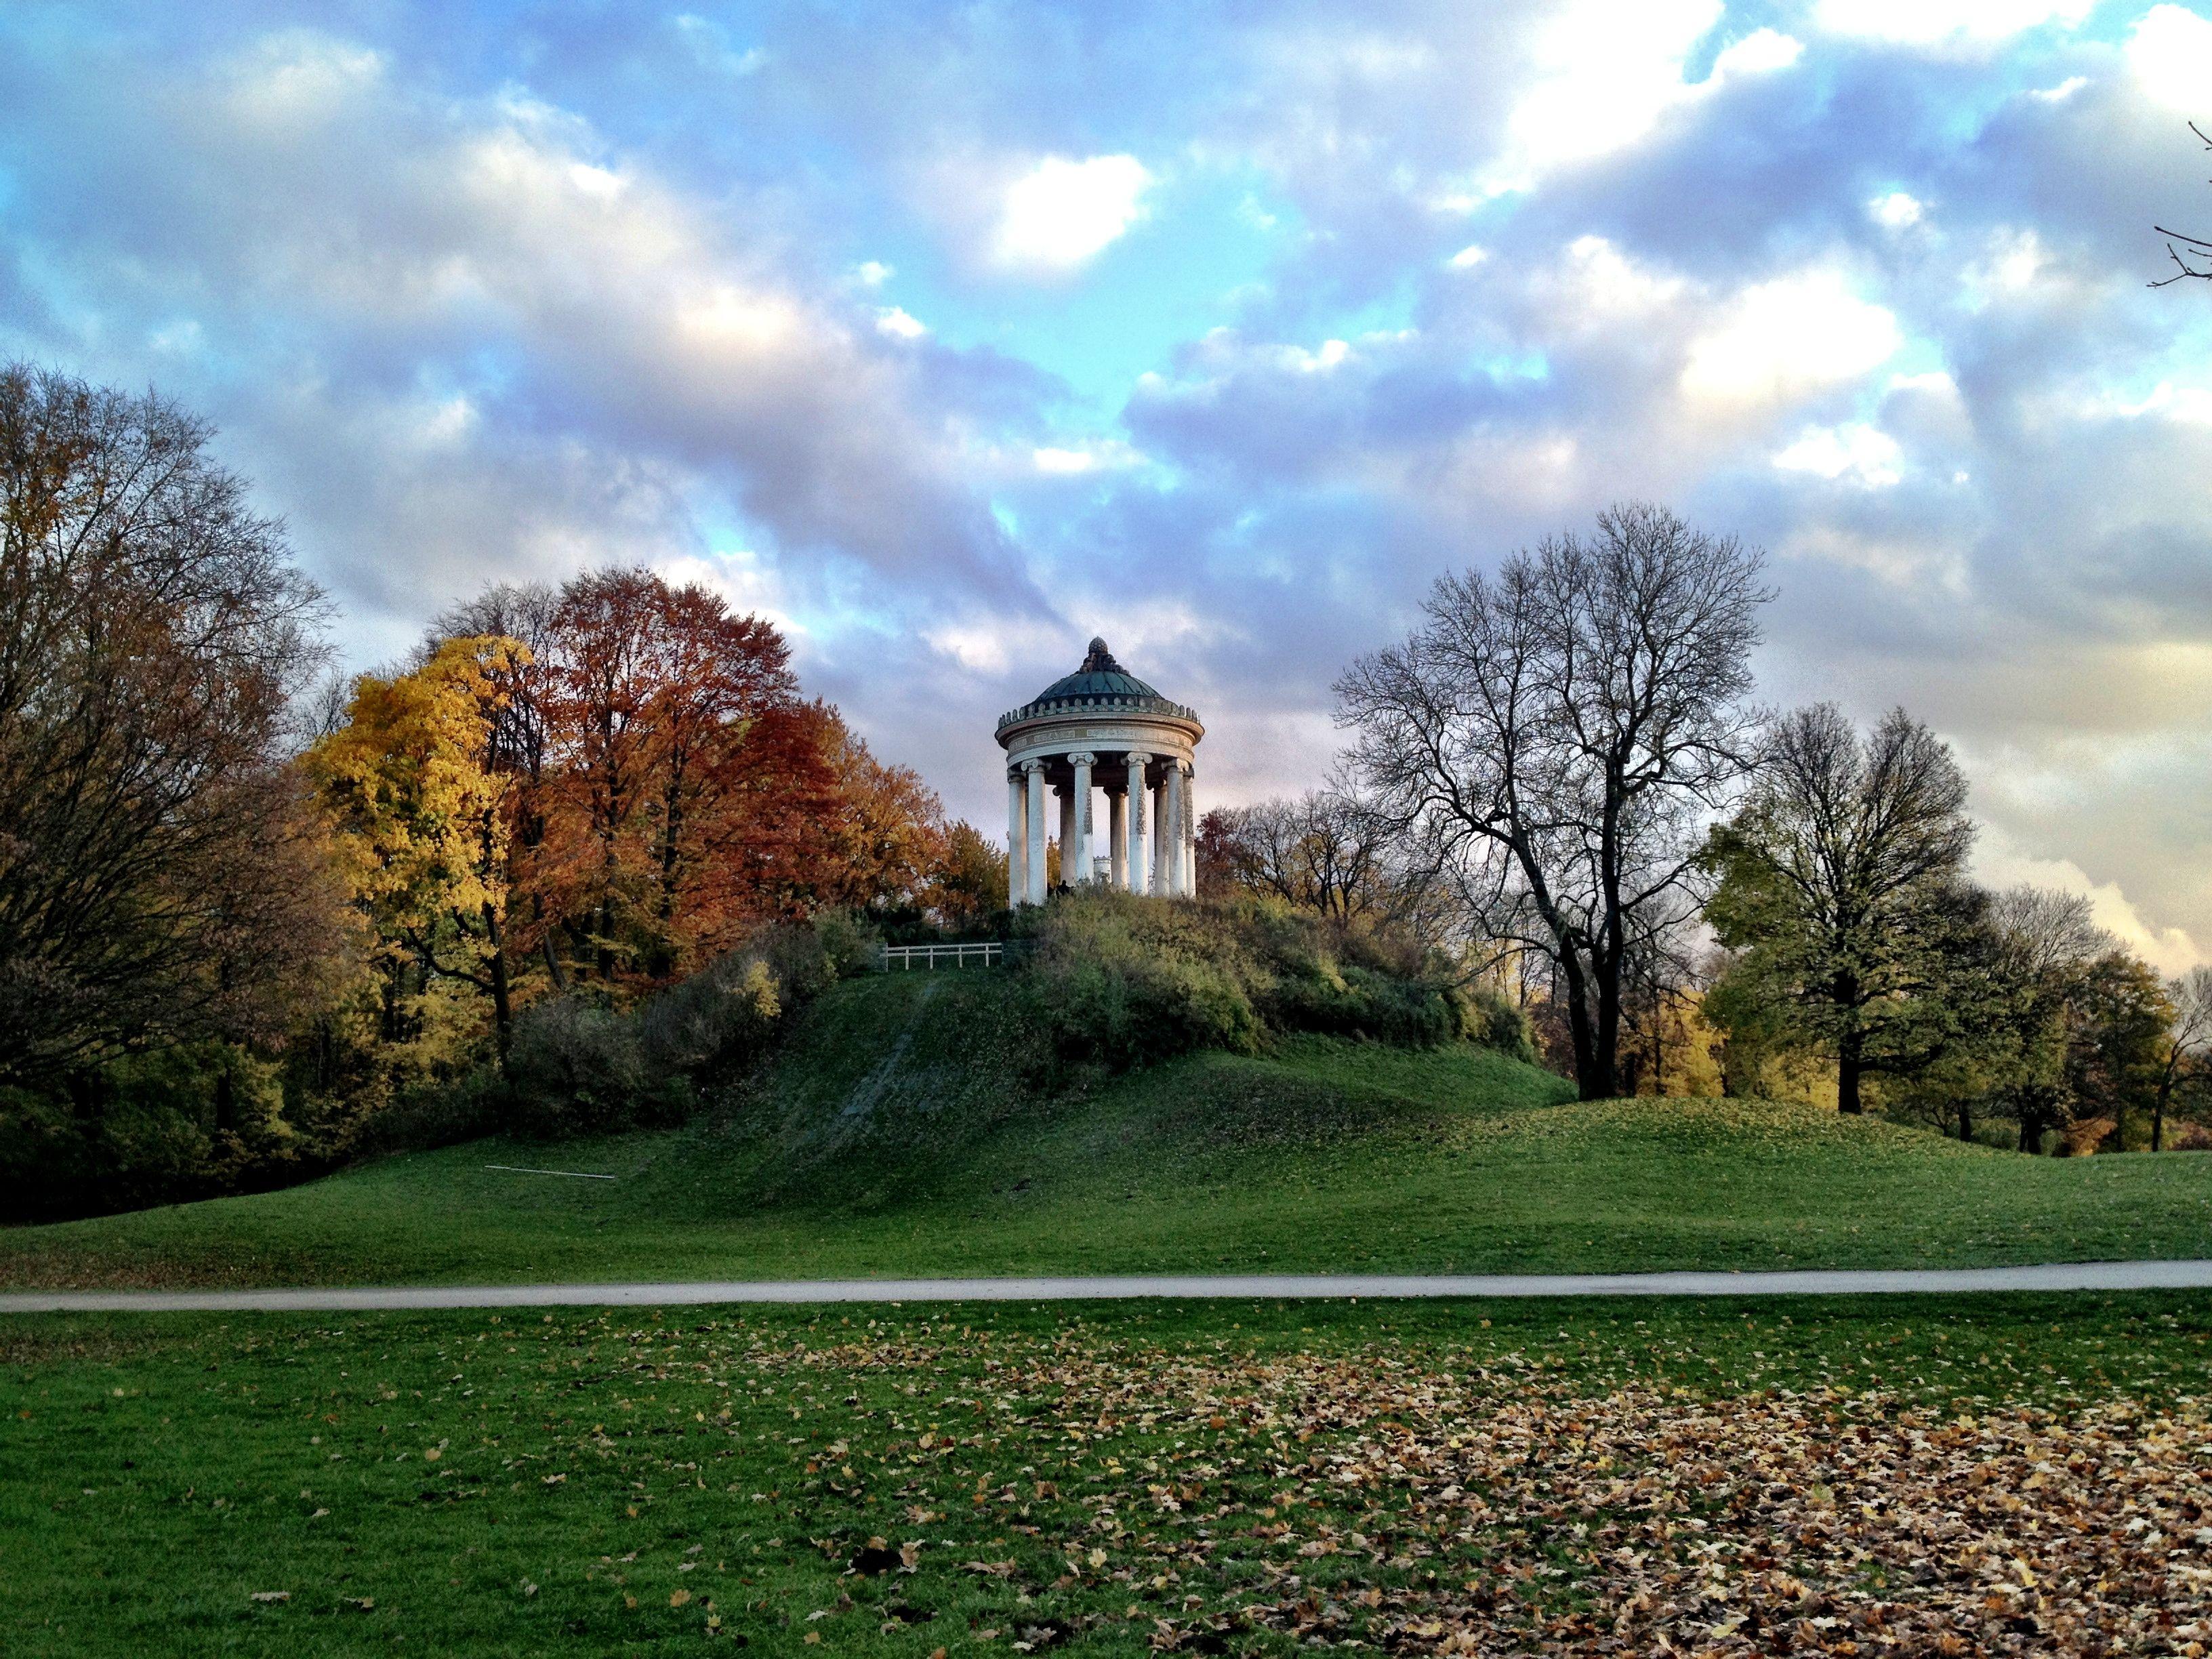 De Englischer Garten In Munchen Daterend Uit 1789 Is Dit Het Grootste Stadspark Van Europa Het Werd Ooit O Munchen Englischer Garten Englischer Garten Garten